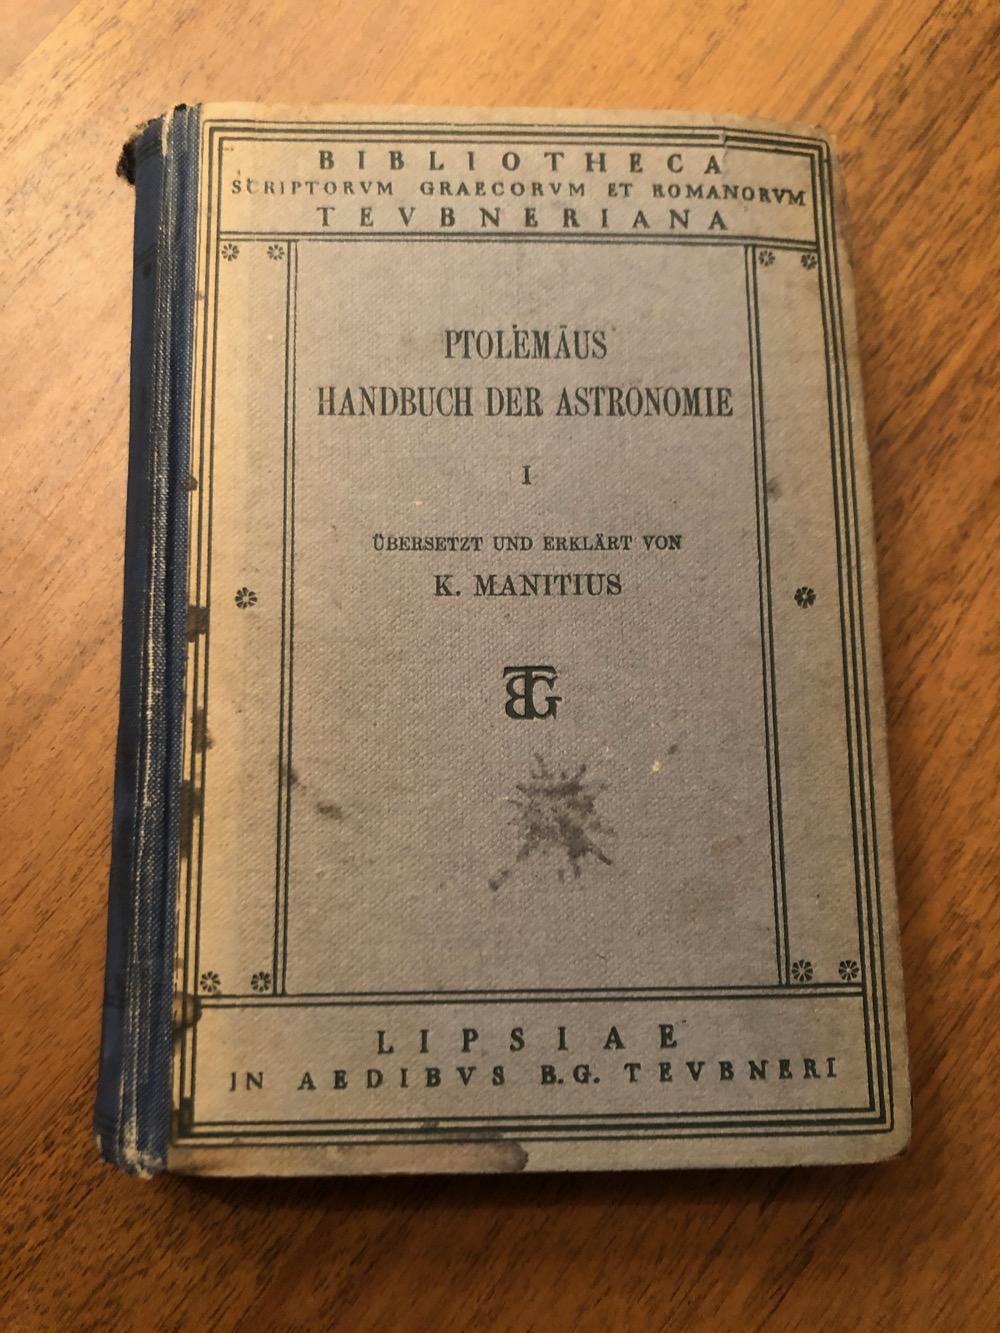 Ptolemäus Handbuch der Astronomie, 1912 – Boekverslag